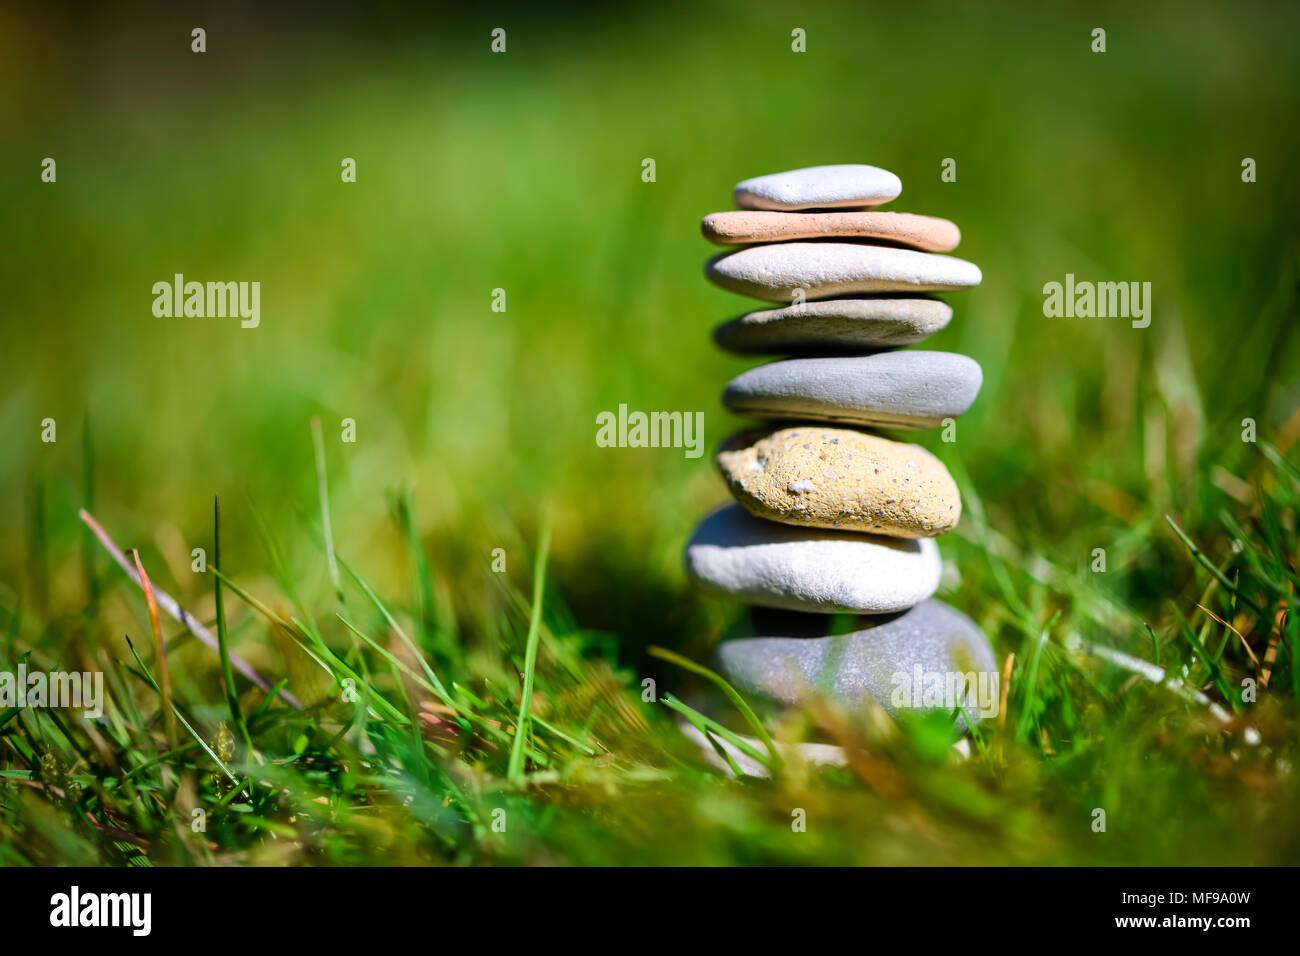 Des pierres empilées, l'harmonie, l'équilibre Photo Stock